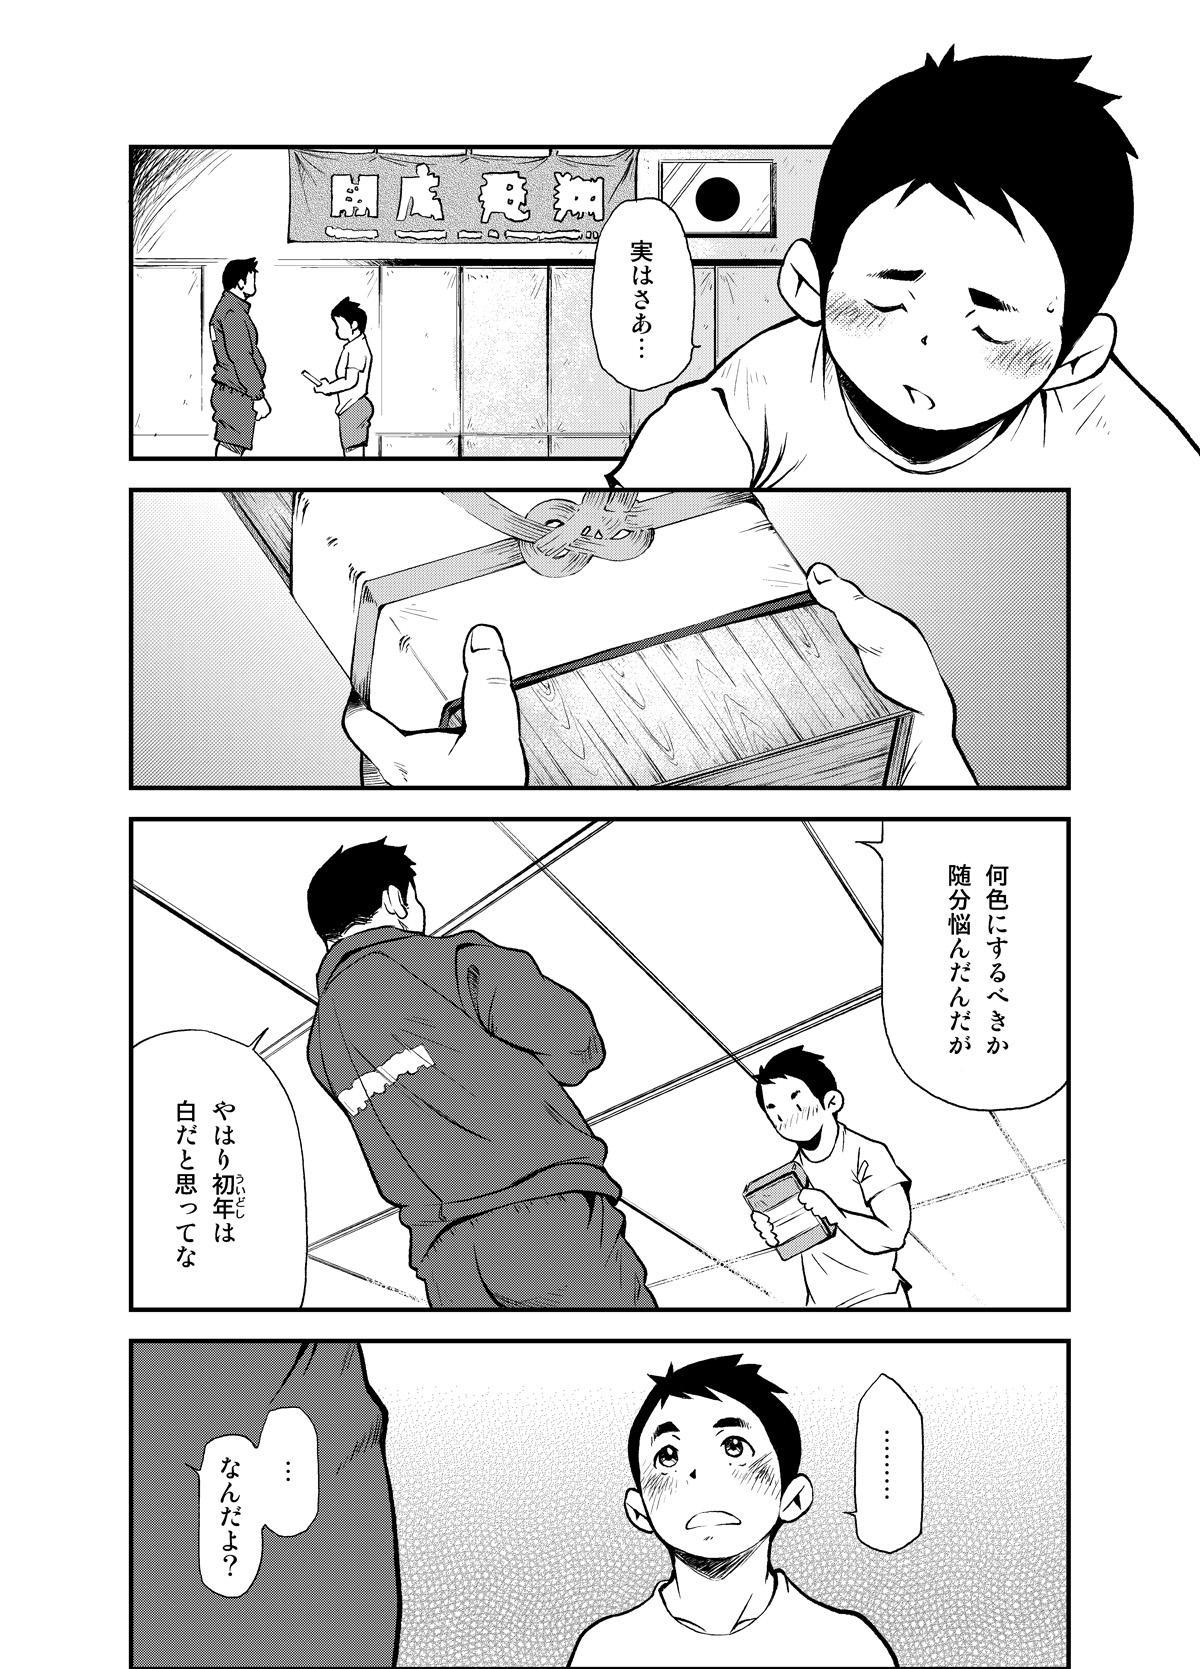 Tadashii Danshi no Kyouren Hou 7